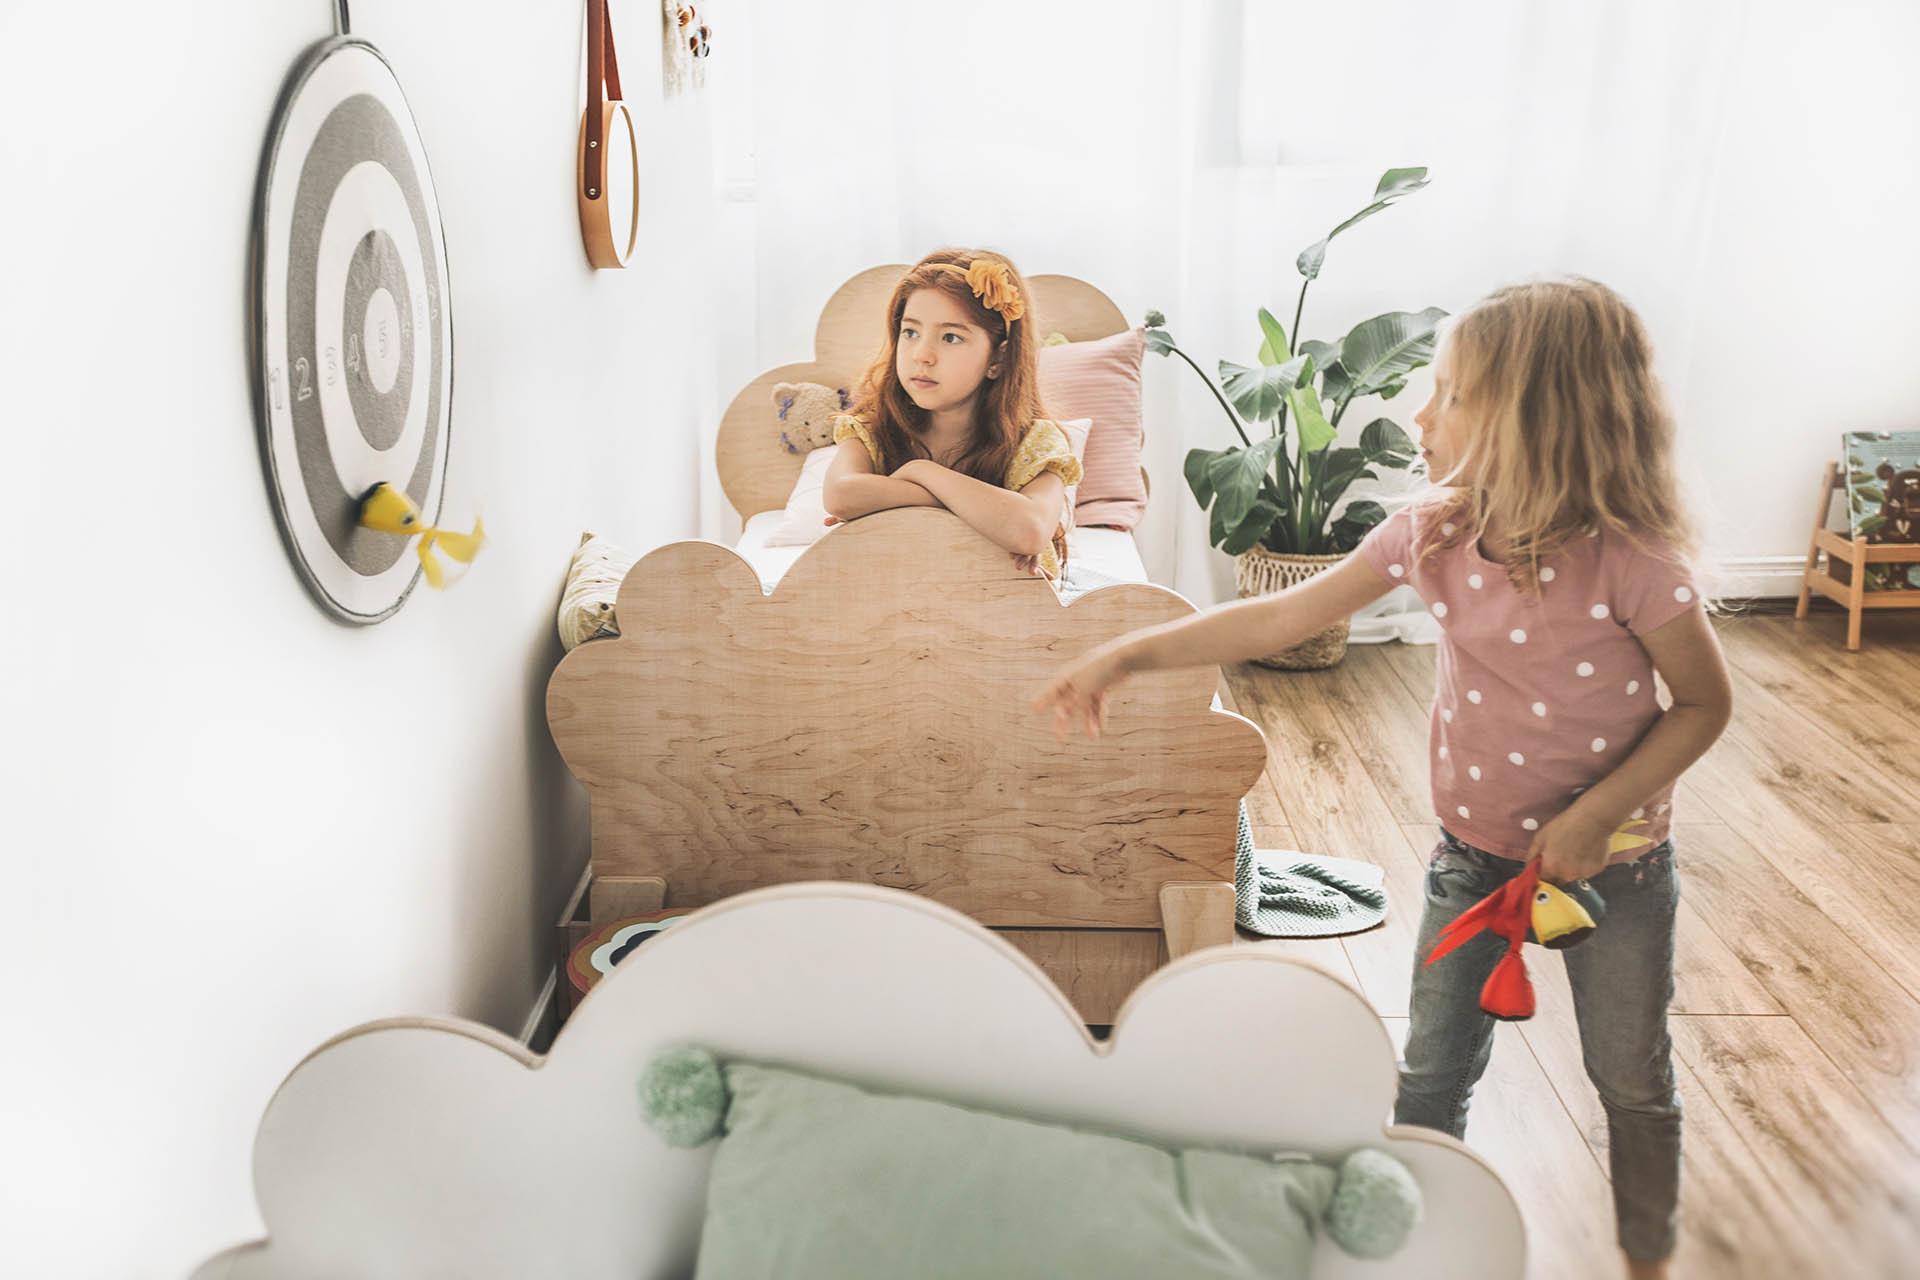 sesja life-style, zdjęcia wnętrz, zdjęcia łóżeczek, zdjęcia z dziećmi, dobry fotograf, polecany fotograf, fotograf wroclaw, zdjęcia reklamowe, fotograf reklamowy, fotografia reklamowa, sesja reklamowa, sesja zdjeciowa wroclaw, łóżeczka dla dzieci, pokój dziecięcy, sesja z dzieciakami